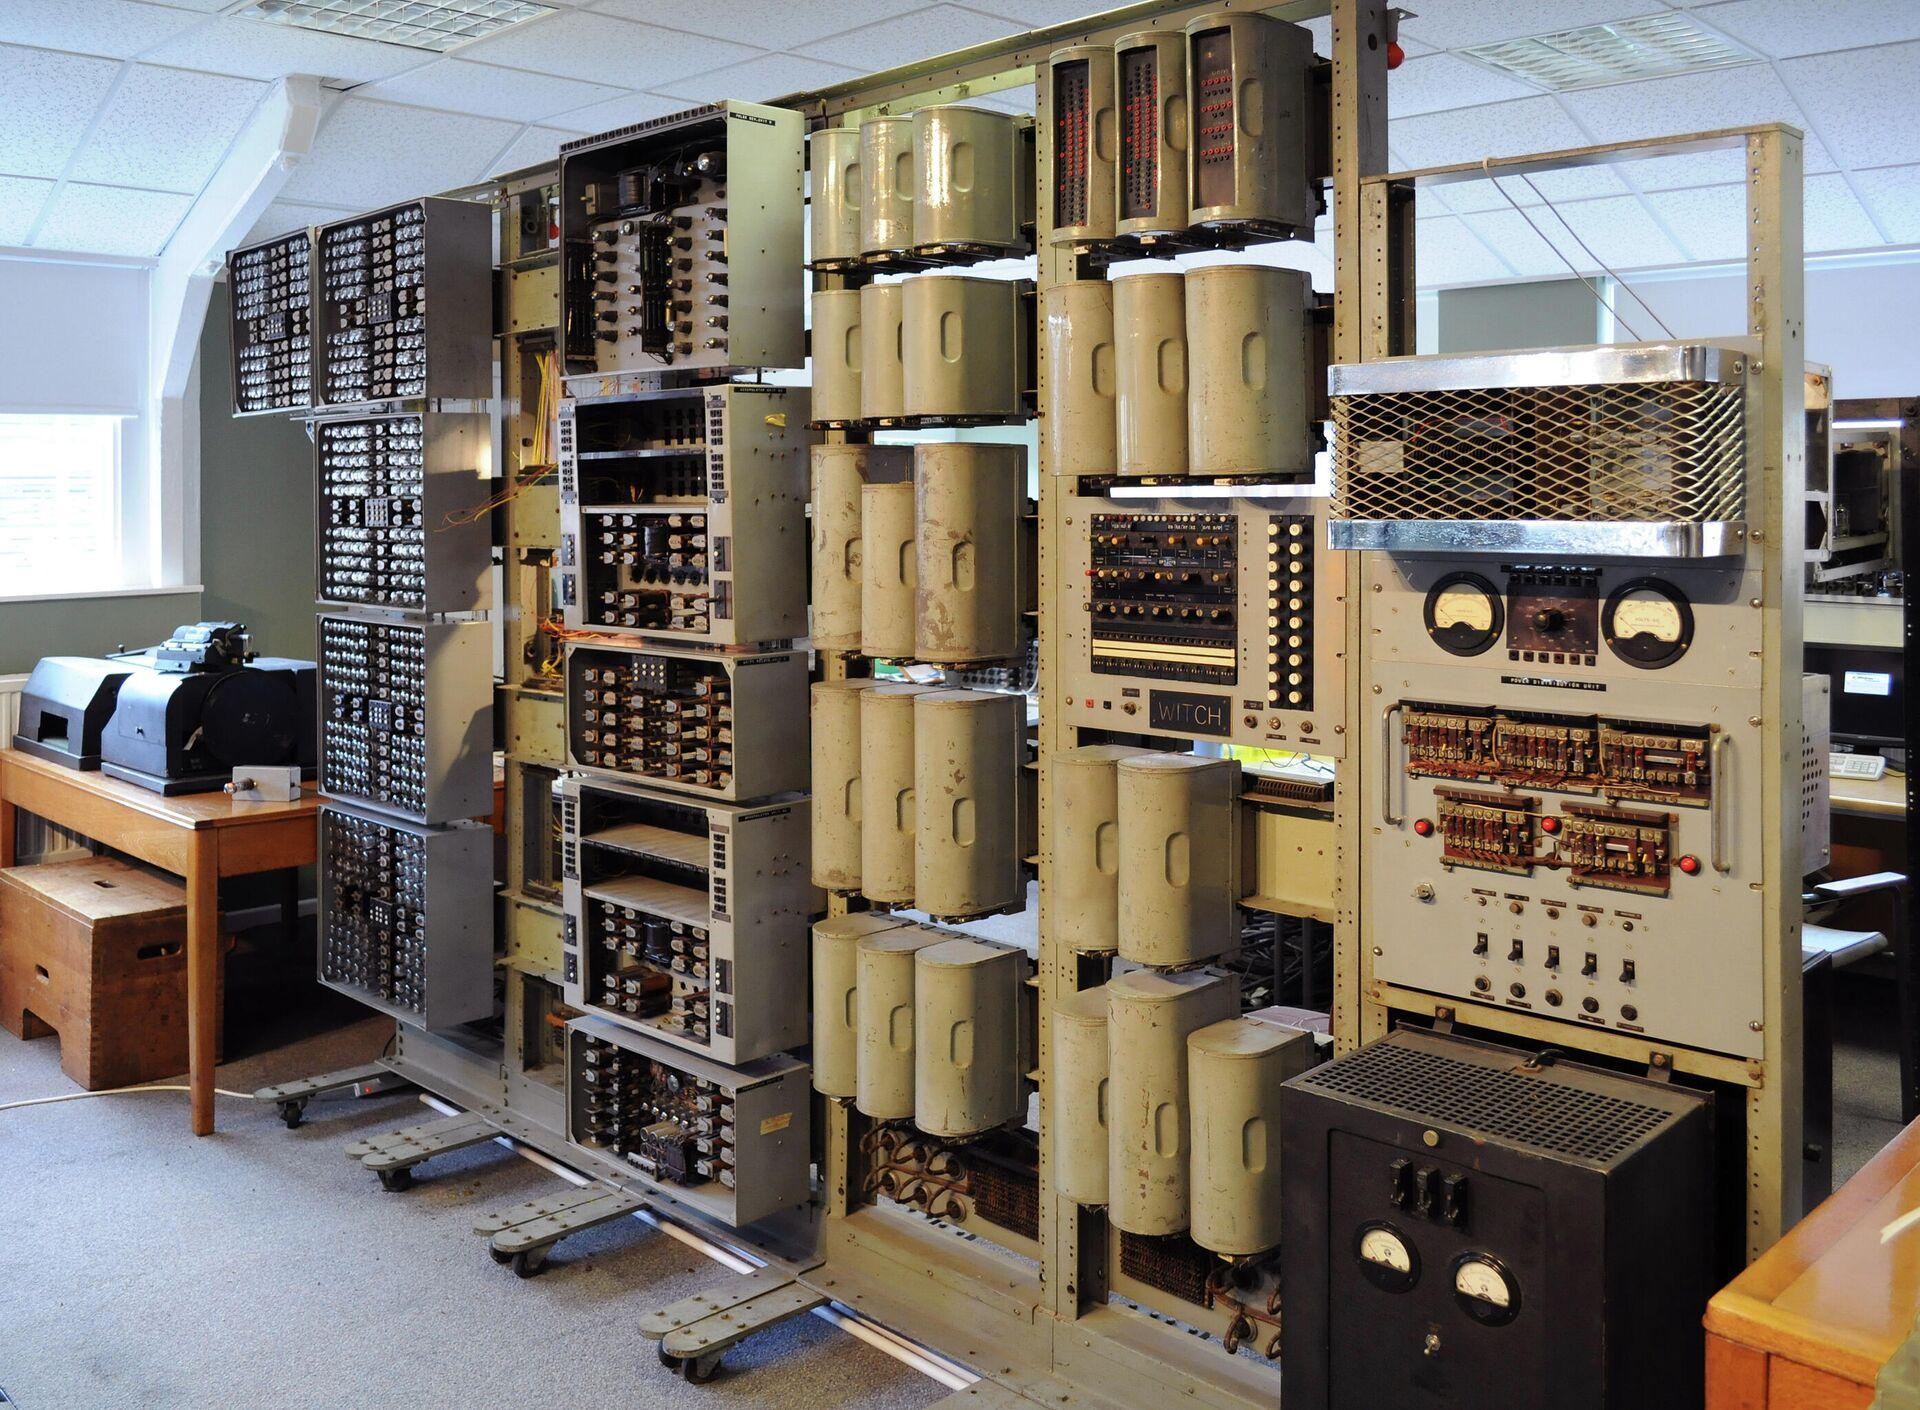 Der Harwell Computer während seiner Restaurierung im British National Museum of Computing - SNA, 1920, 27.07.2021